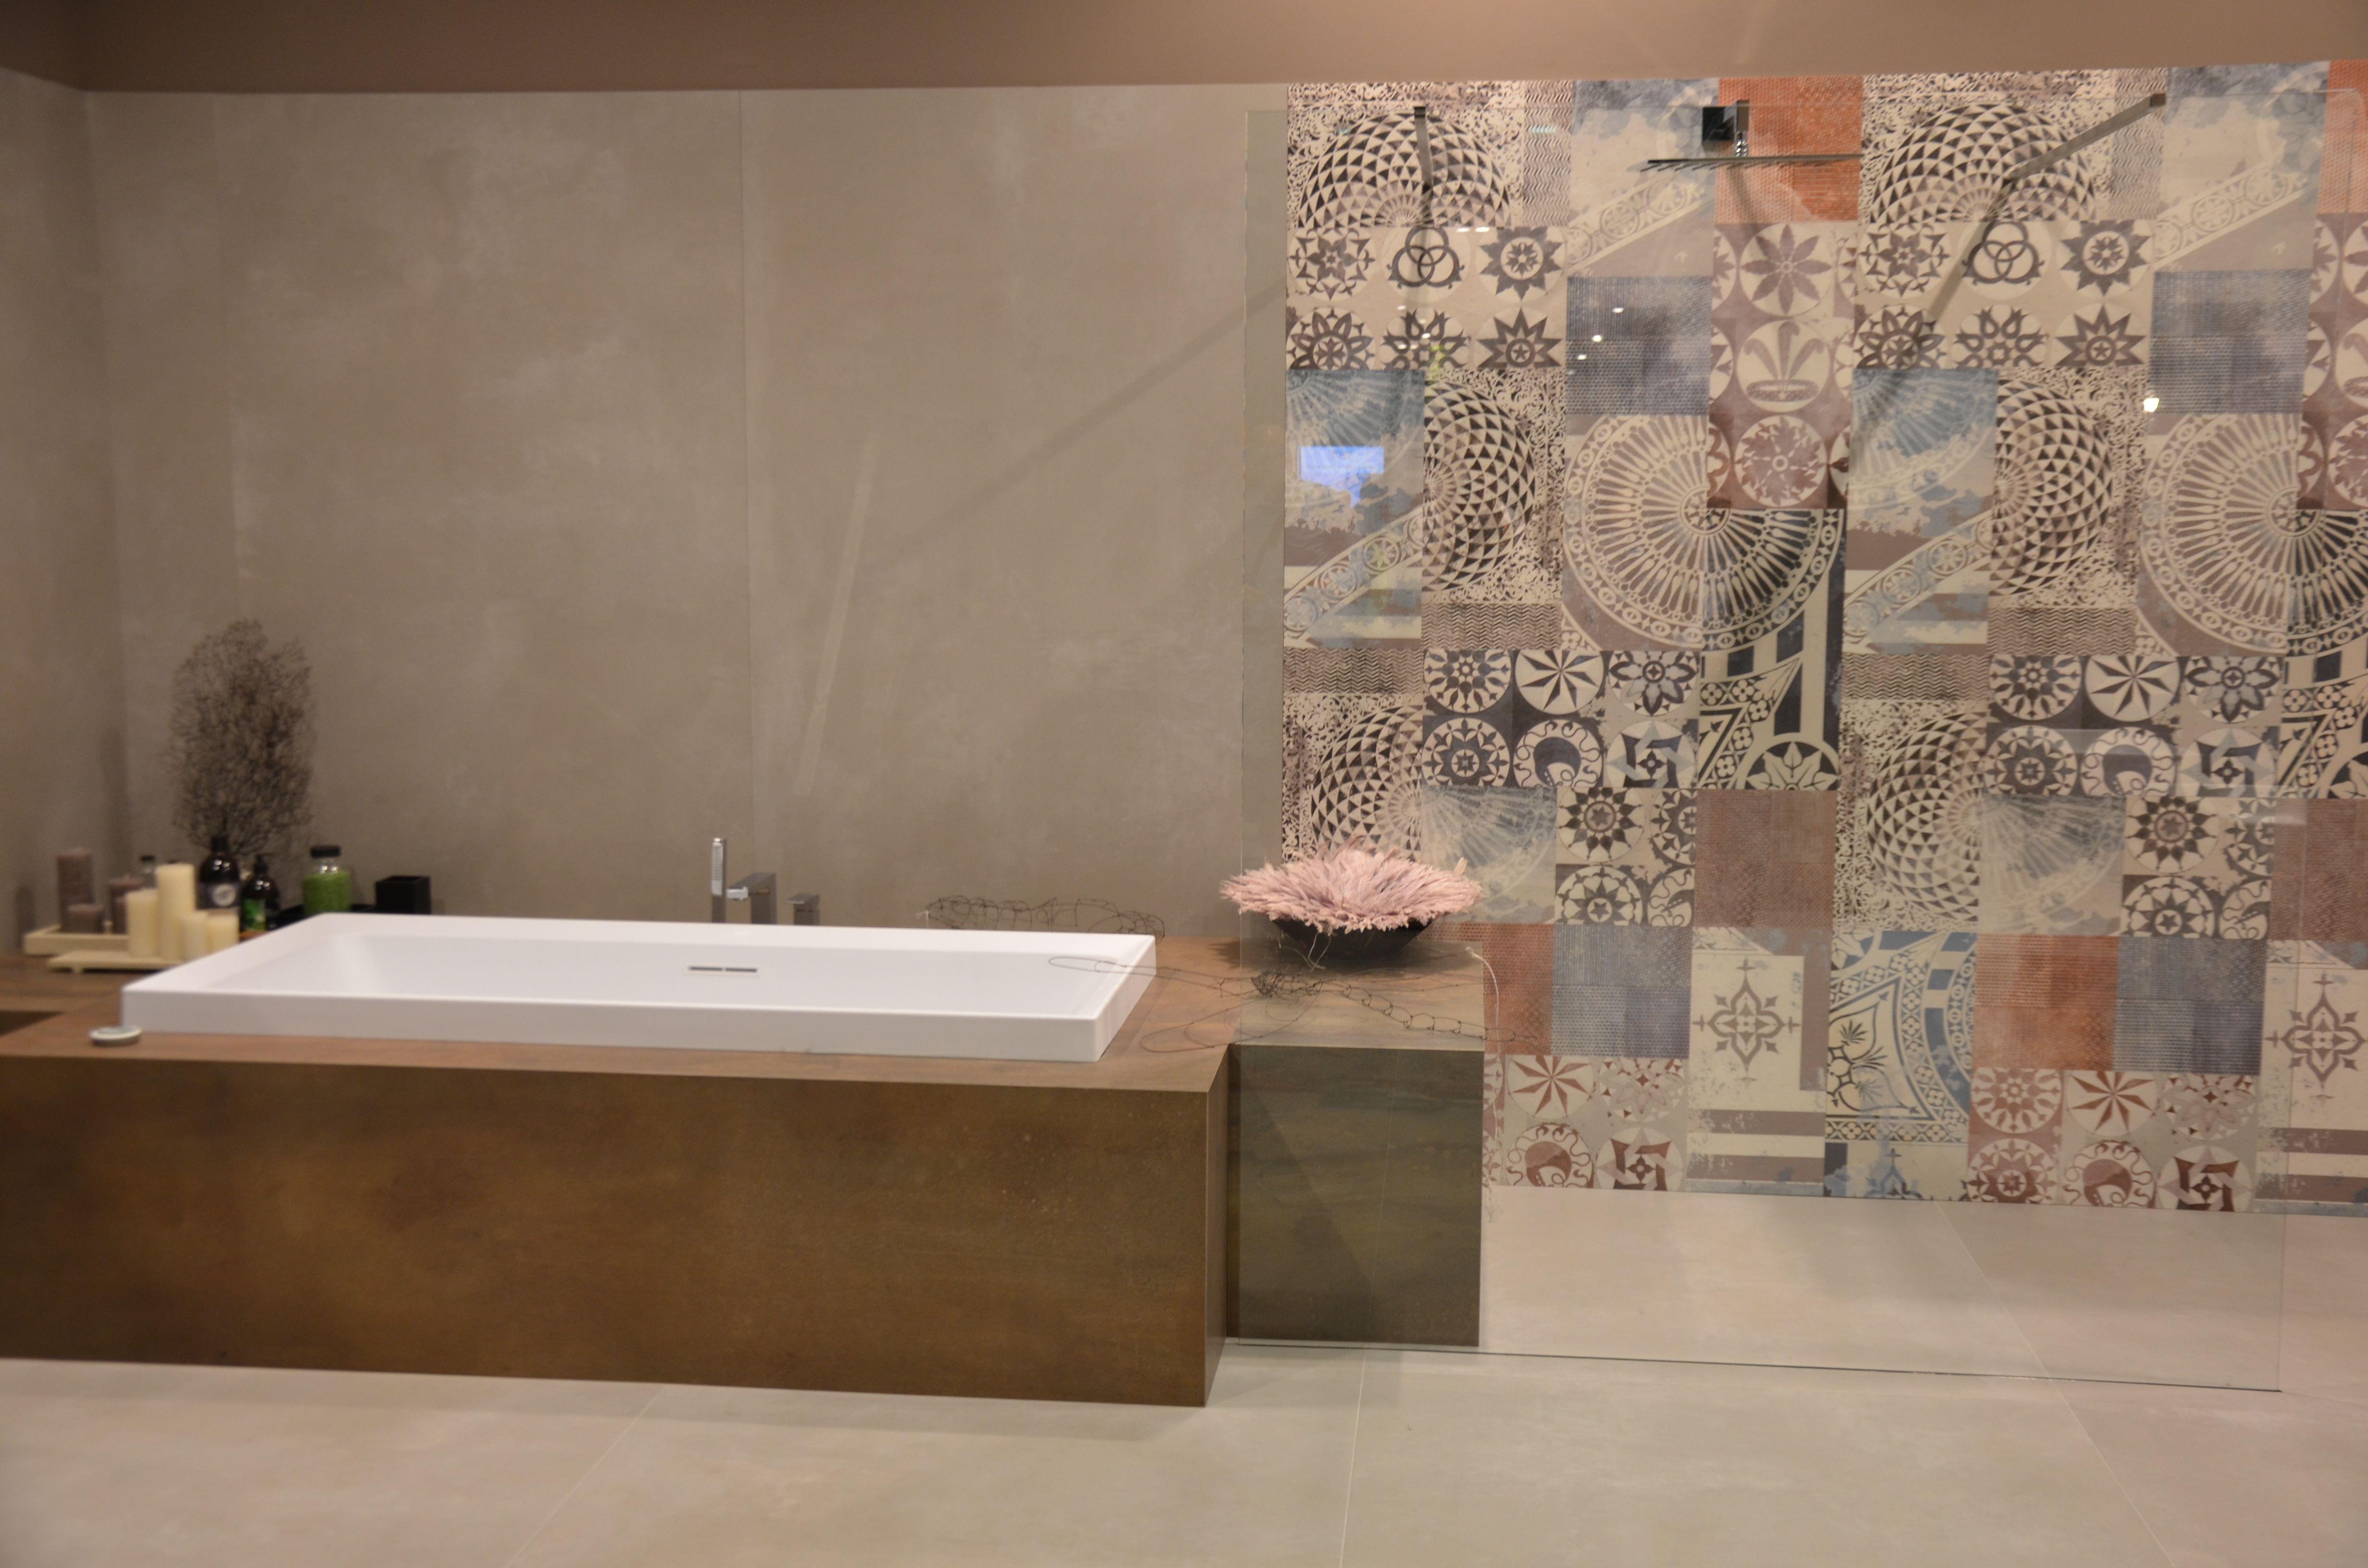 Fliesendekor Badezimmer ~ Sanfte steinoptik gemixt mit textilen strukturen messeneuheit